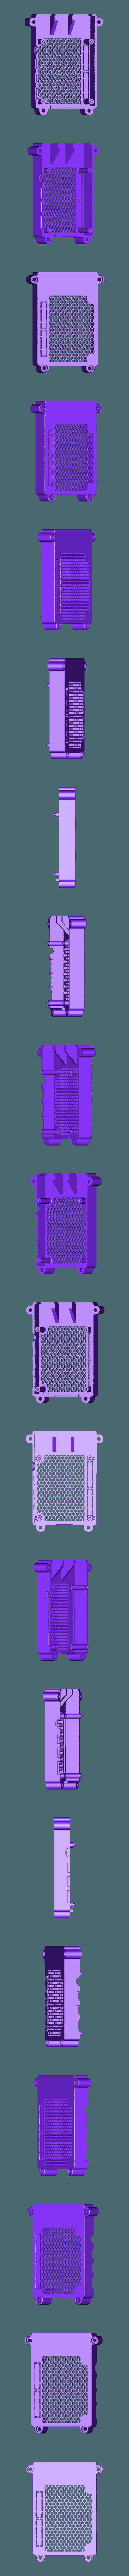 FULL.STL Télécharger fichier STL gratuit Étui Pi 4B Framboise Framboise • Objet pour imprimante 3D, mkellsy